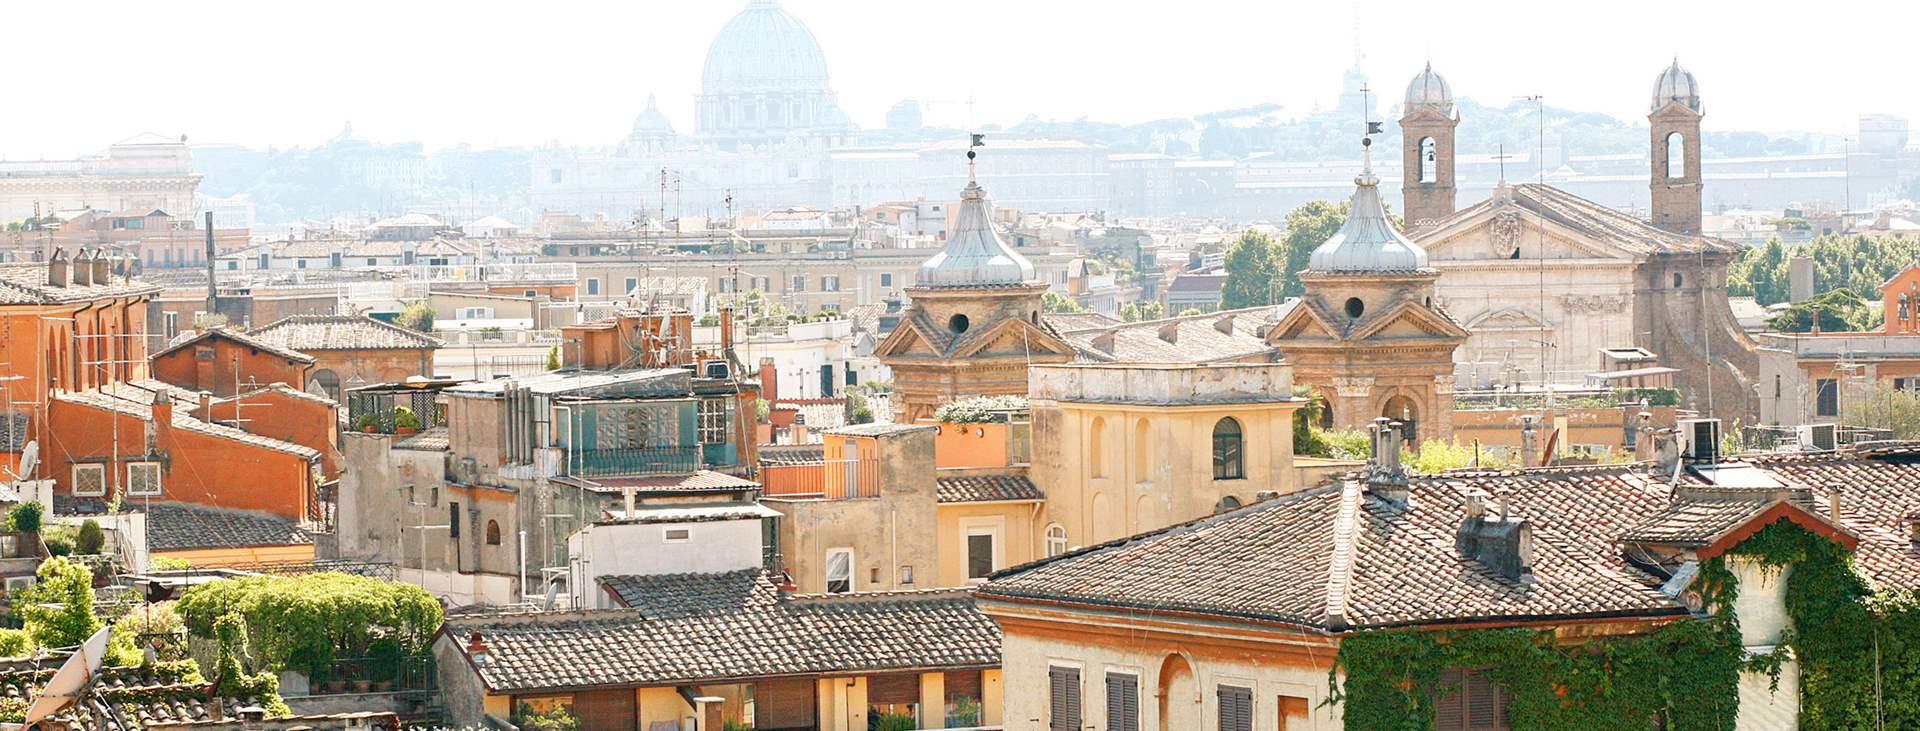 Bestill en helg til Italia med fly og hotell